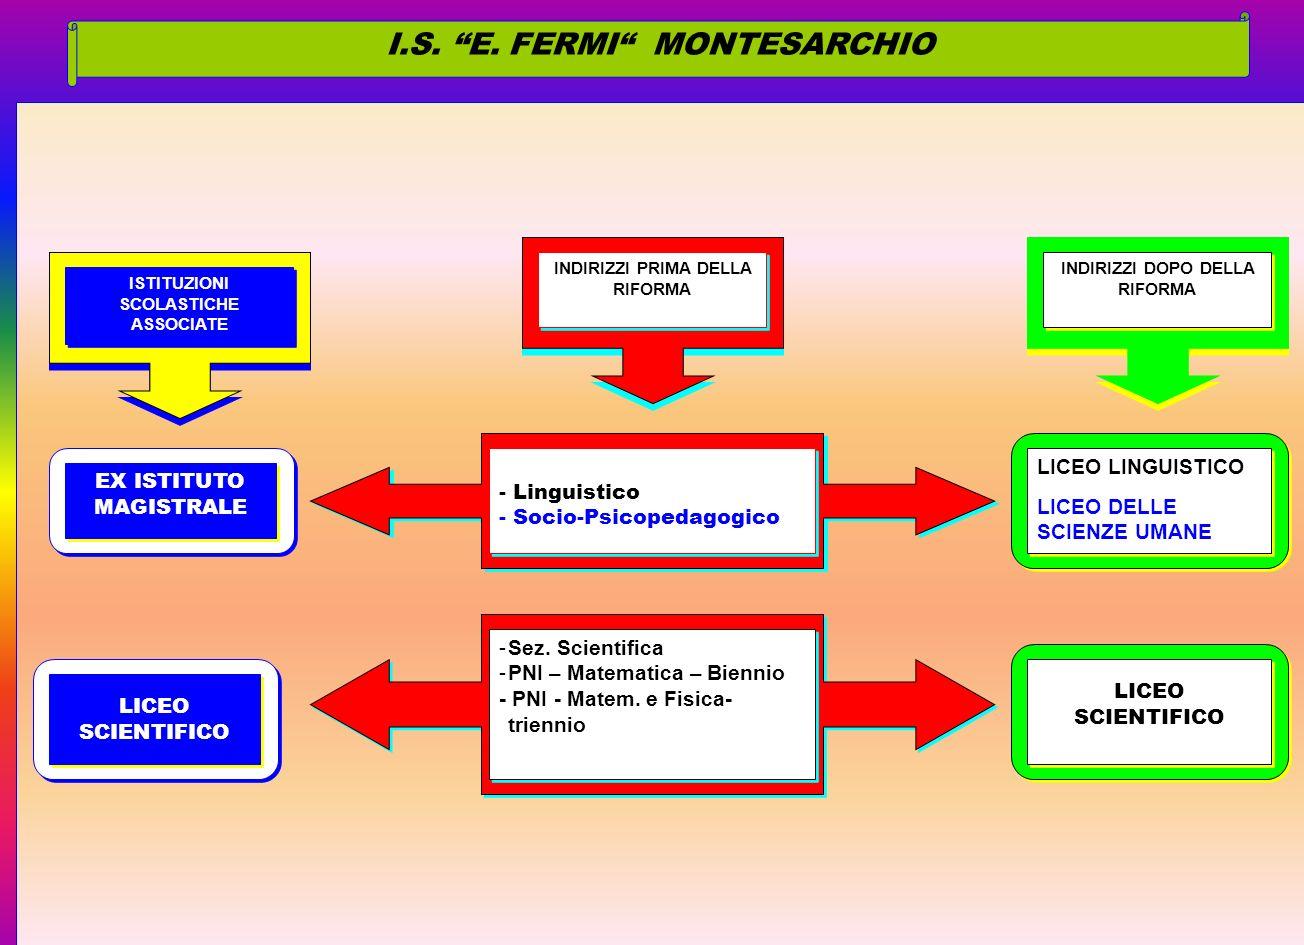 I.S. E. FERMI MONTESARCHIO